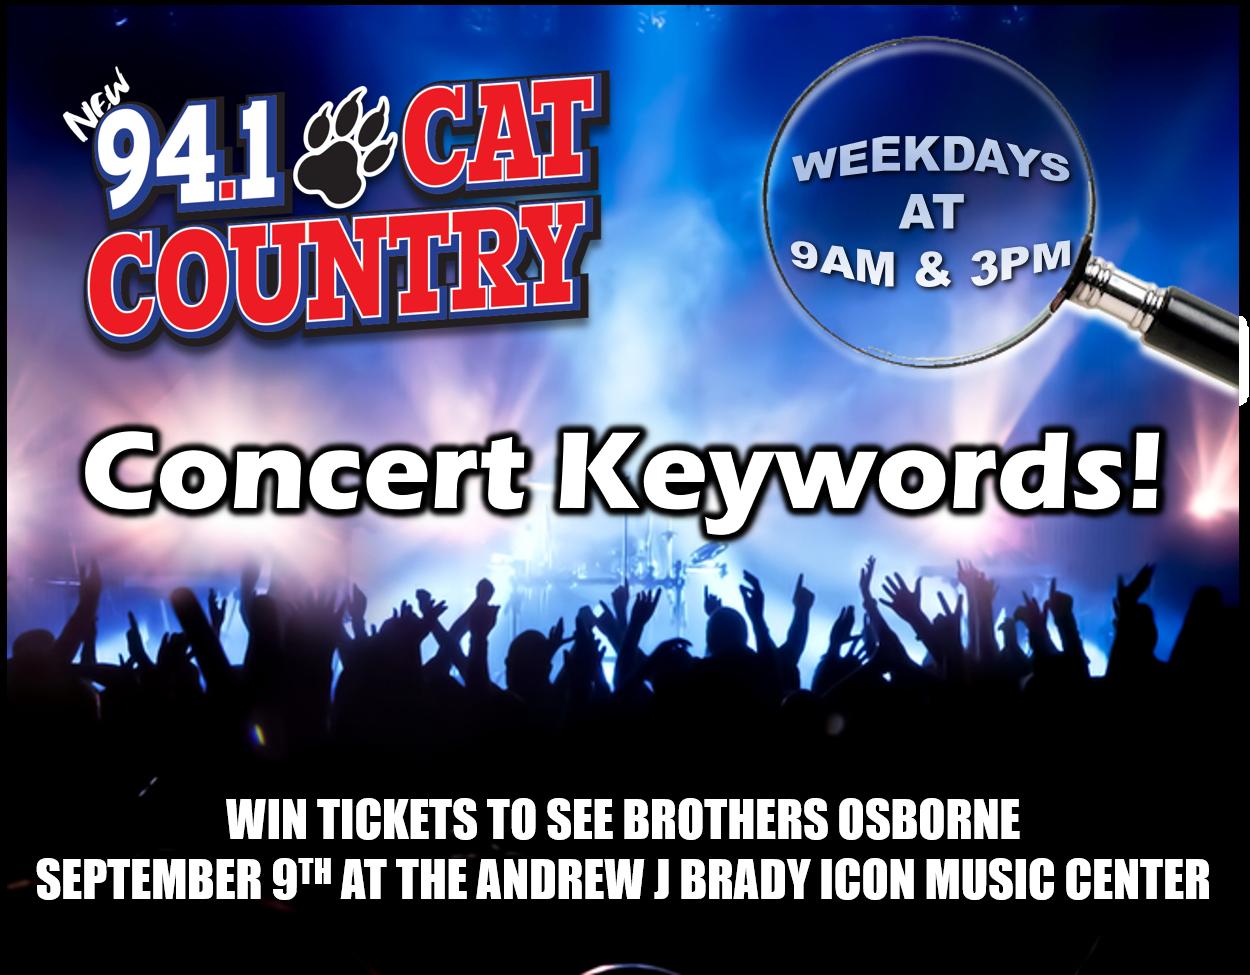 Concert Keywords